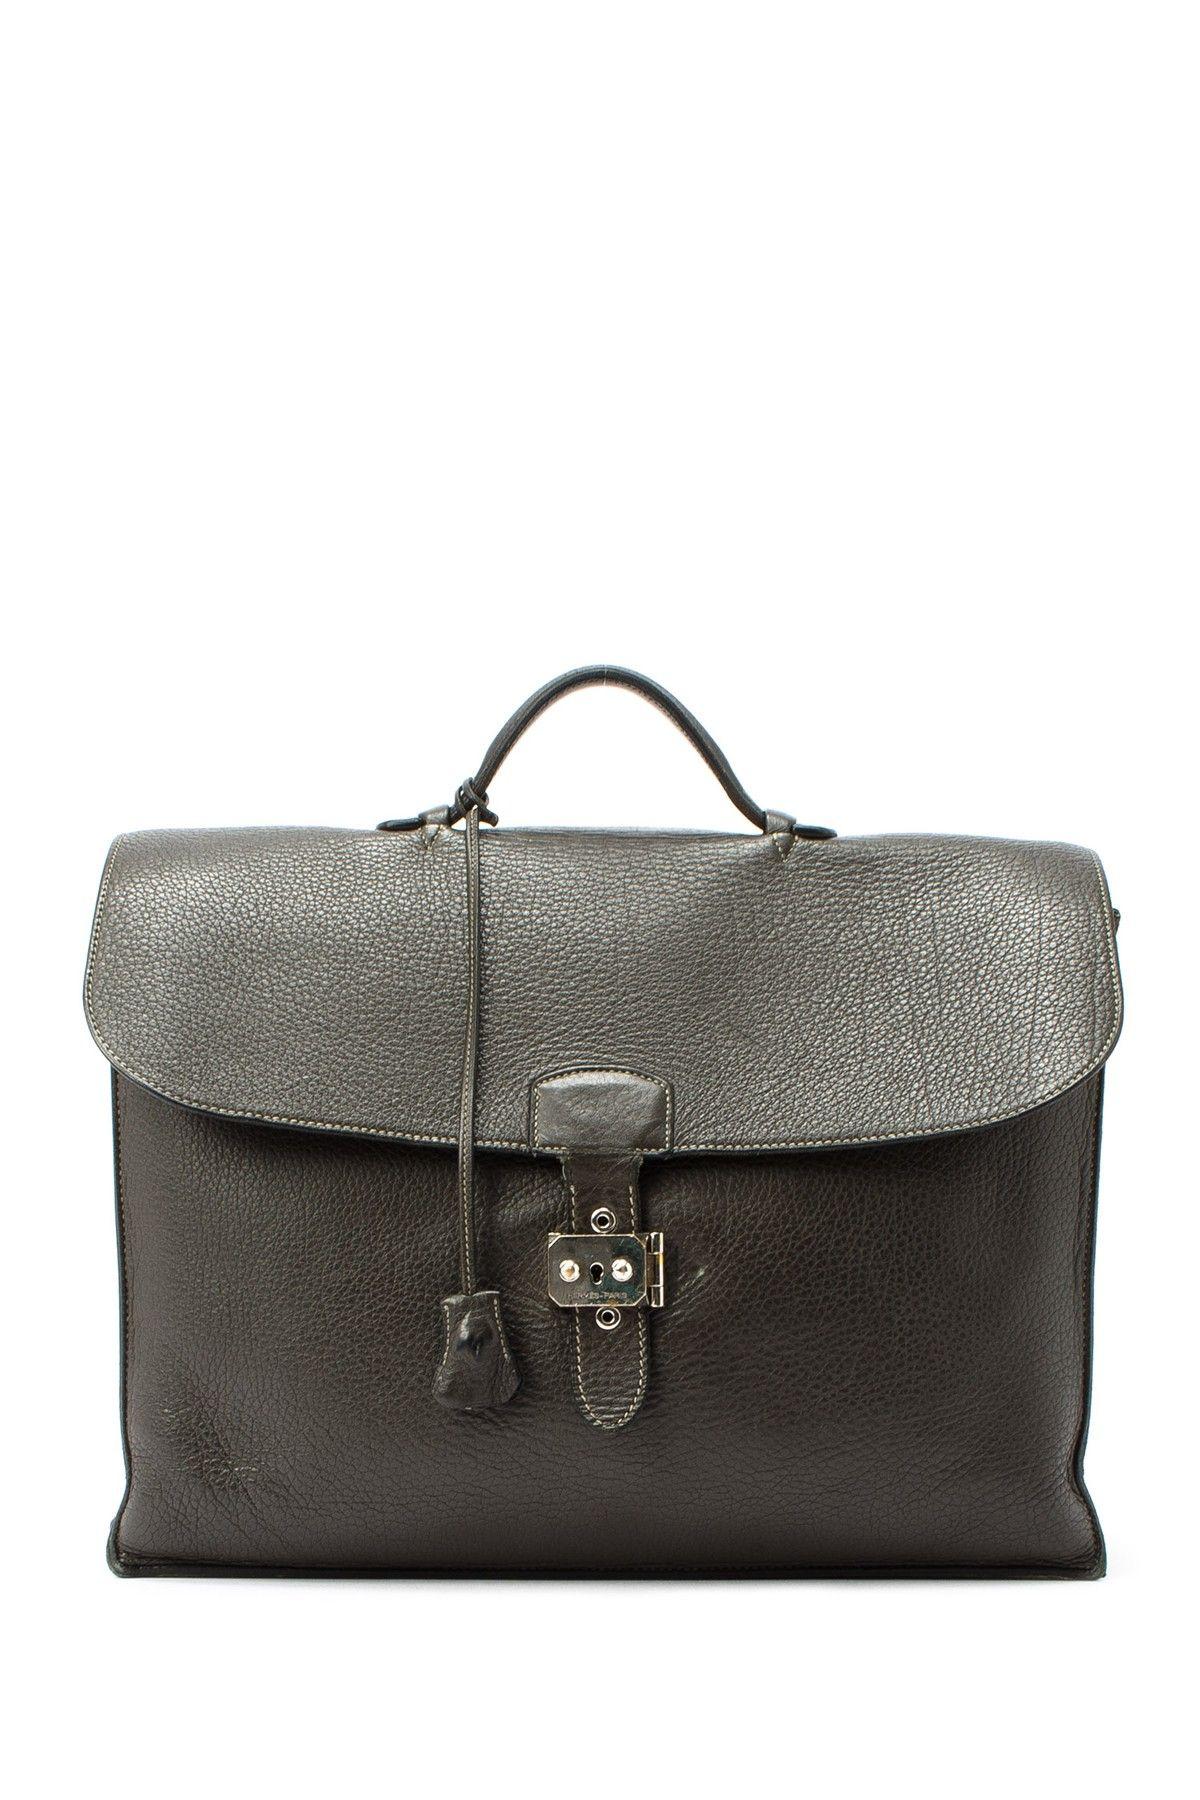 Vintage Hermés Sac a Depeche   grab it and go   Pinterest   Handbags ... 0511d05f92